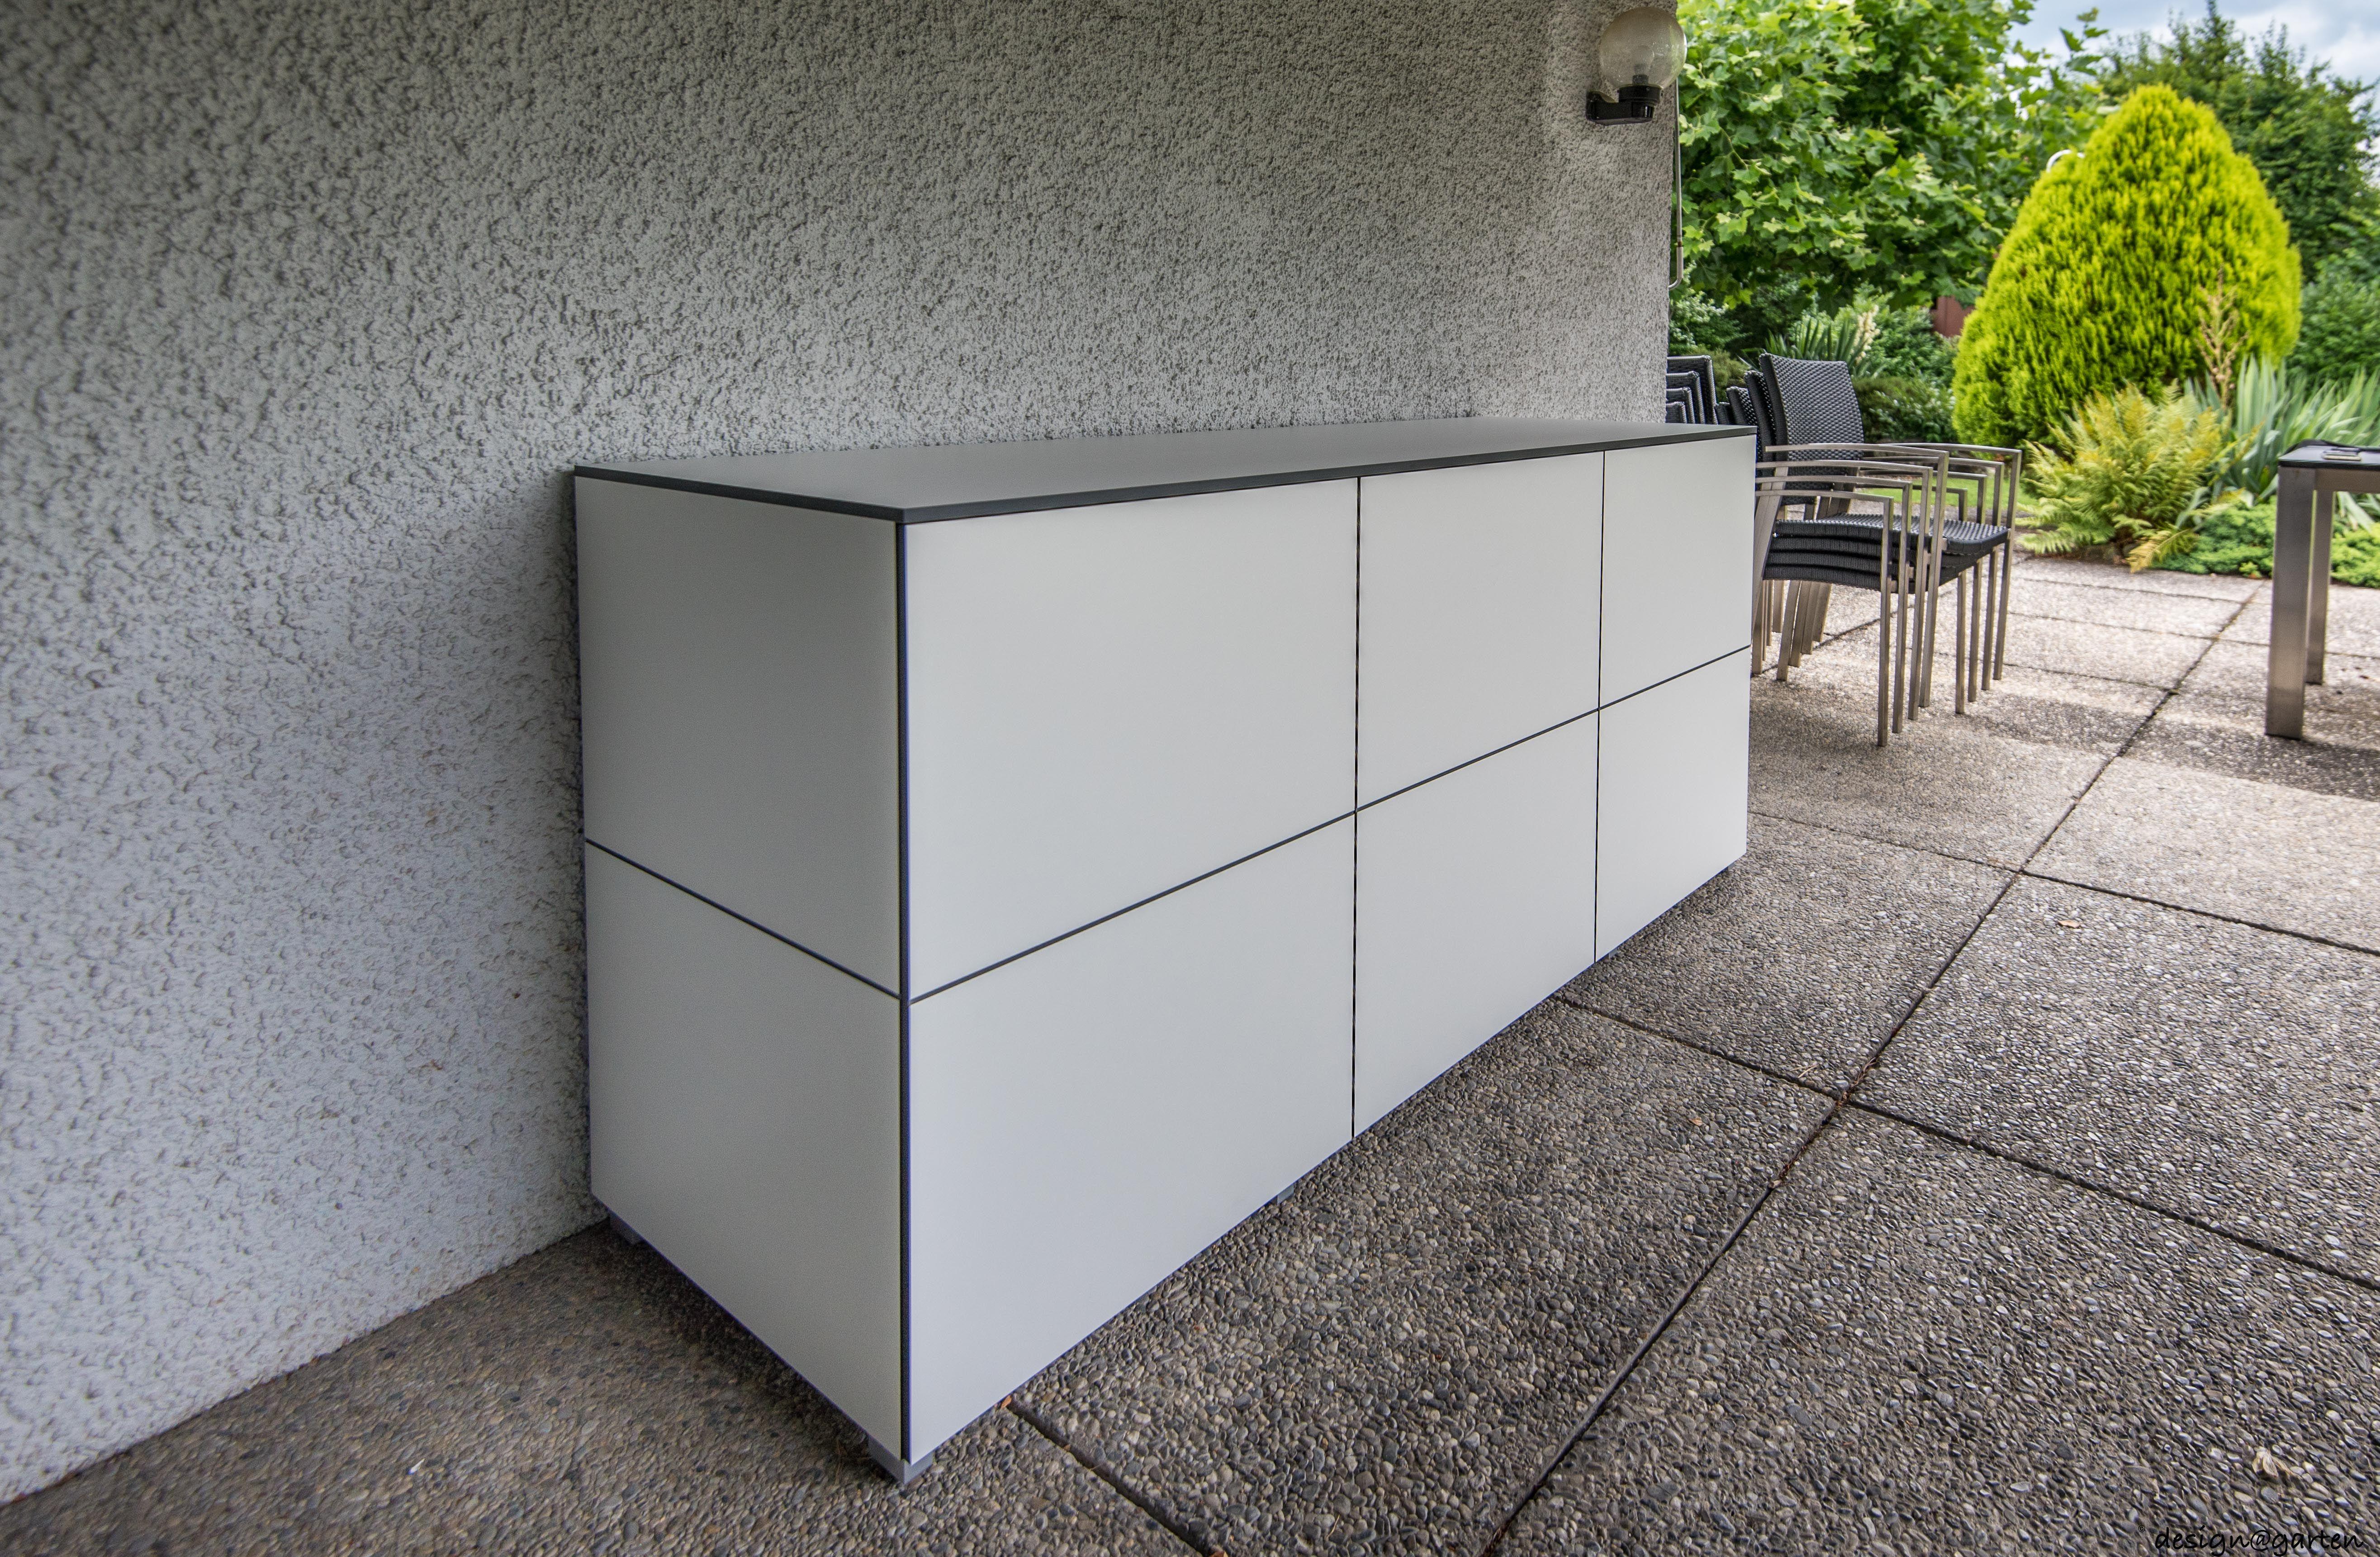 Terrassenschrank Win Nach Mass By Design Garten In Arbon Schweiz Von Design C Garten In Augsburg Germany Gri Gartenschrank Balkonschrank Schrank